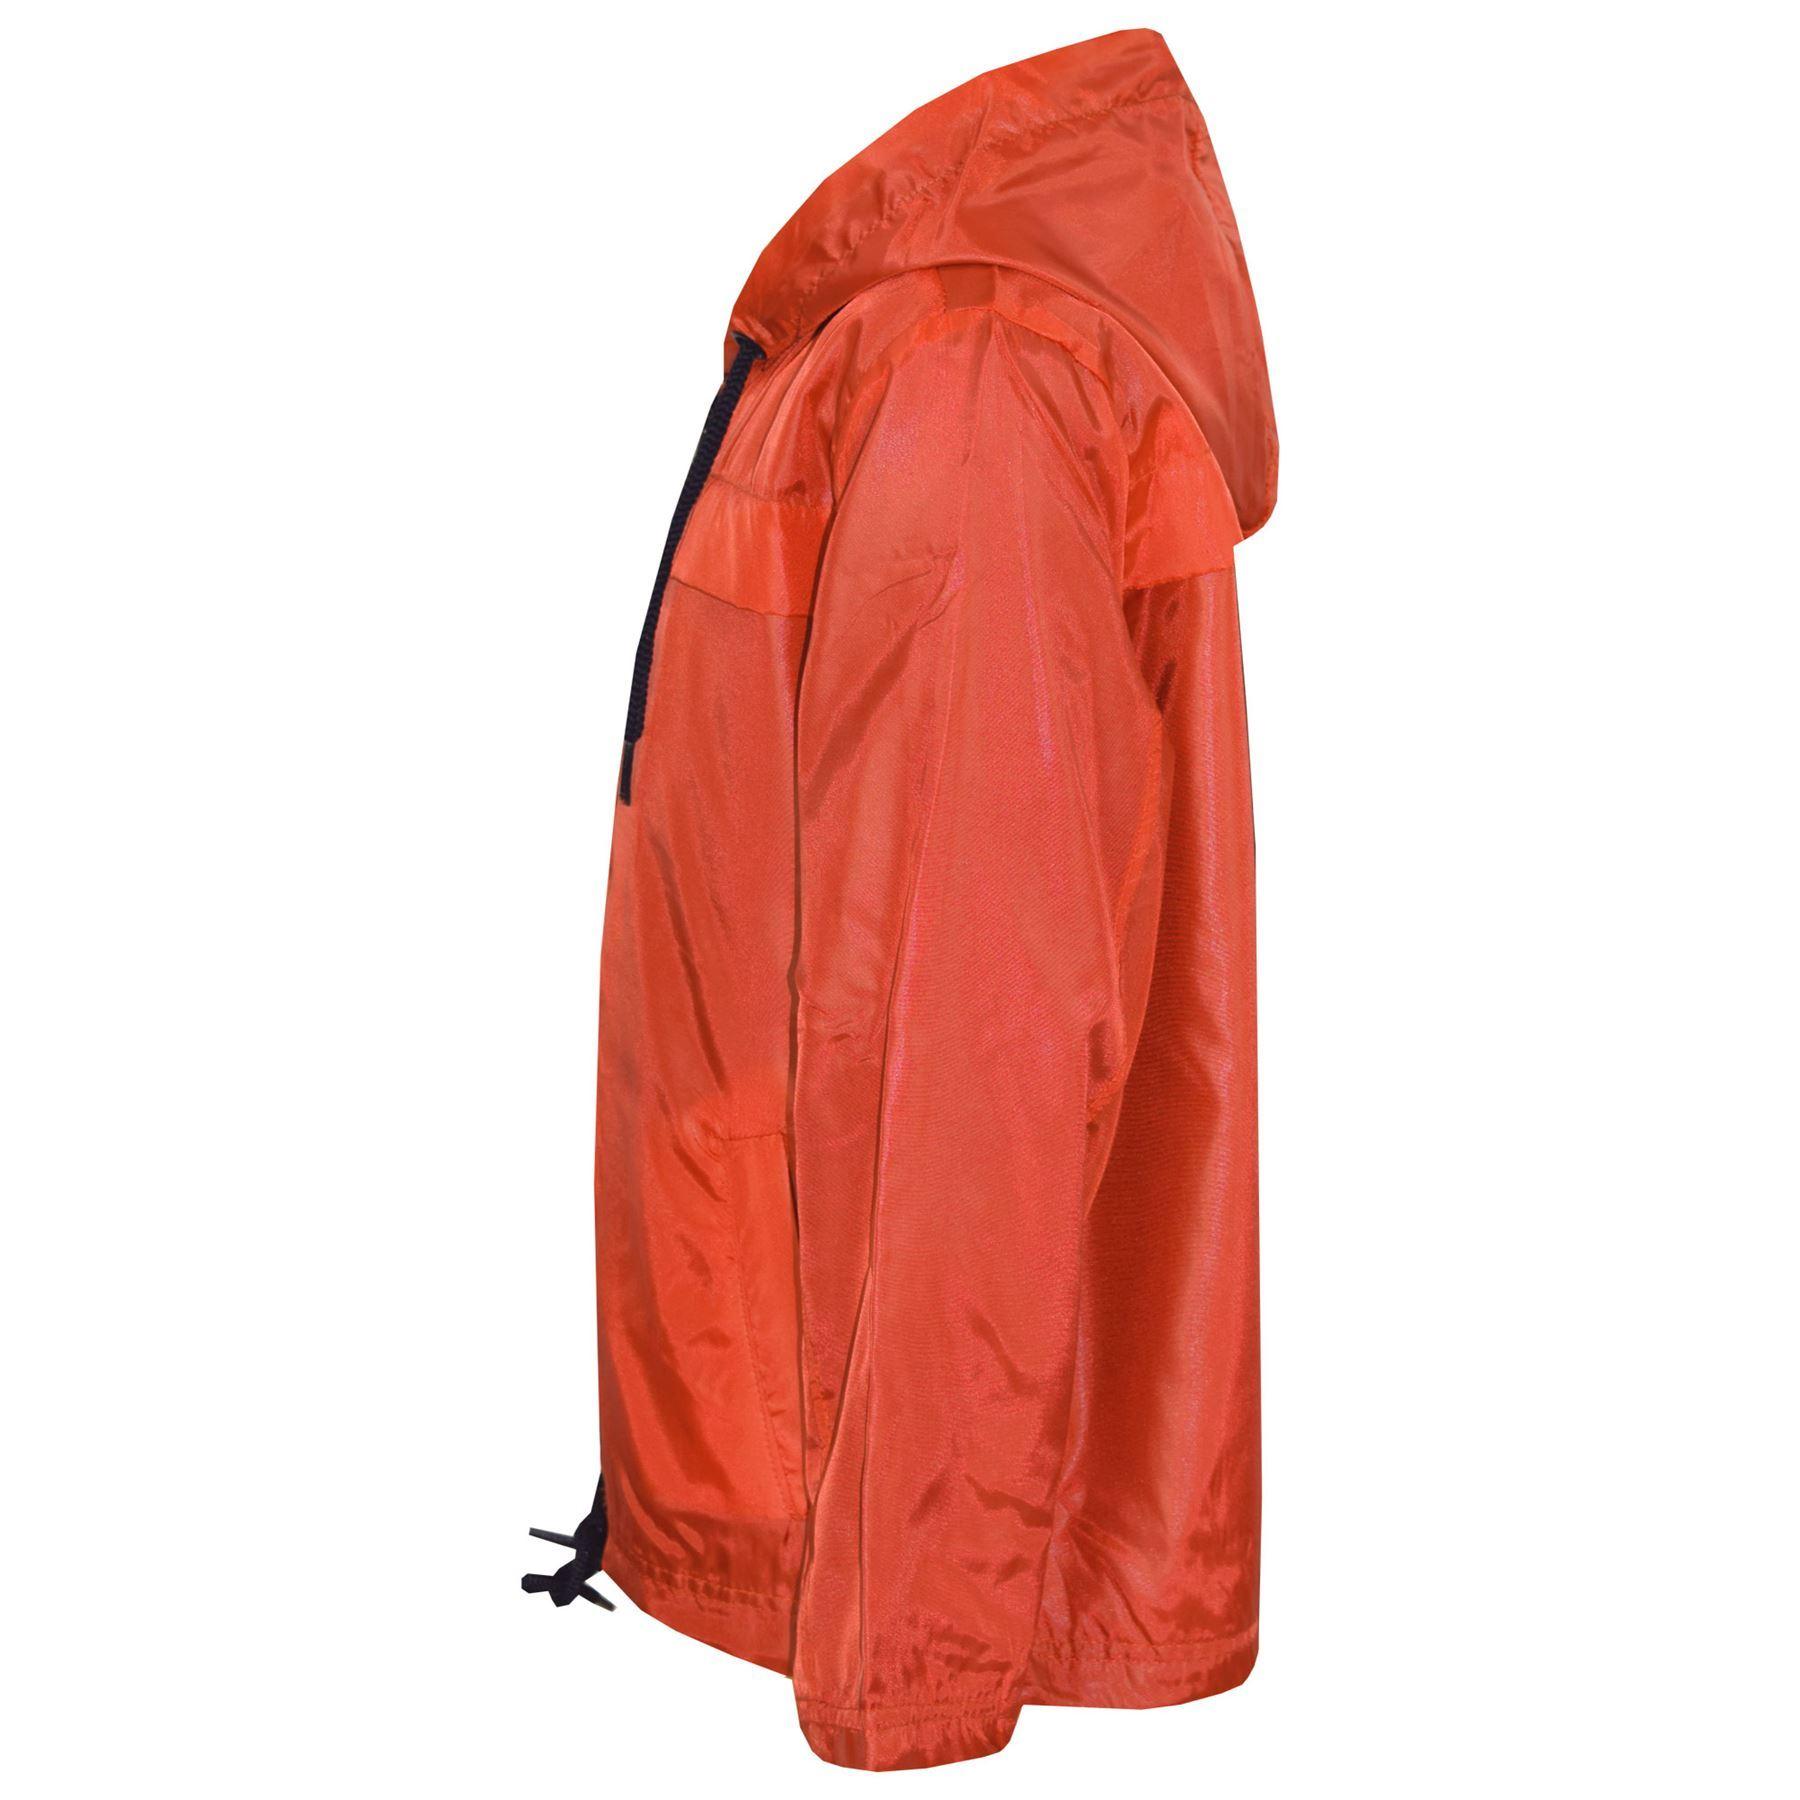 Bambini Ragazzi Ragazze Arancione Con Cappuccio Impermeabili Antivento Leggero Giacca Pioggia MAC 5-13